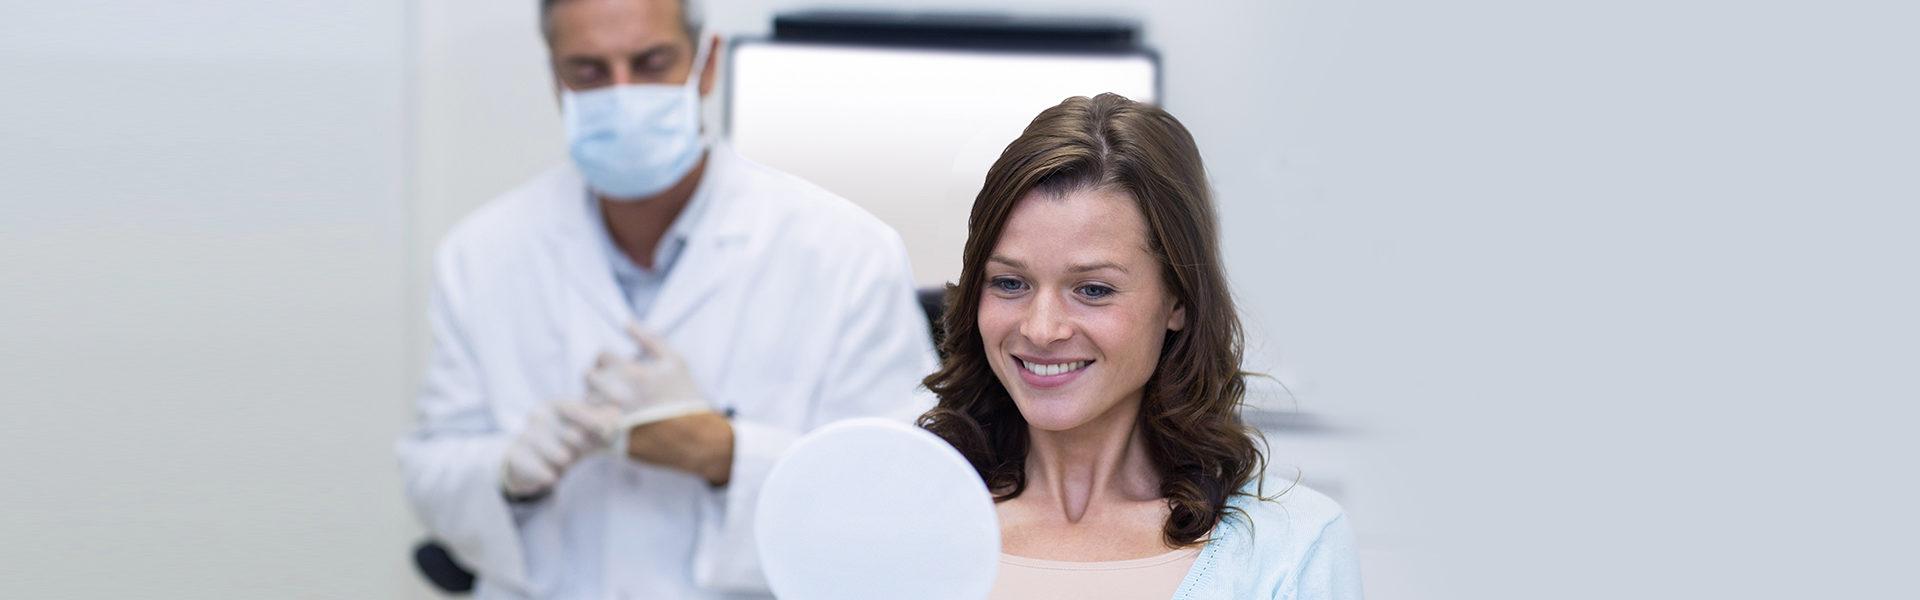 Gum Disease Treatment in Cupertino, CA